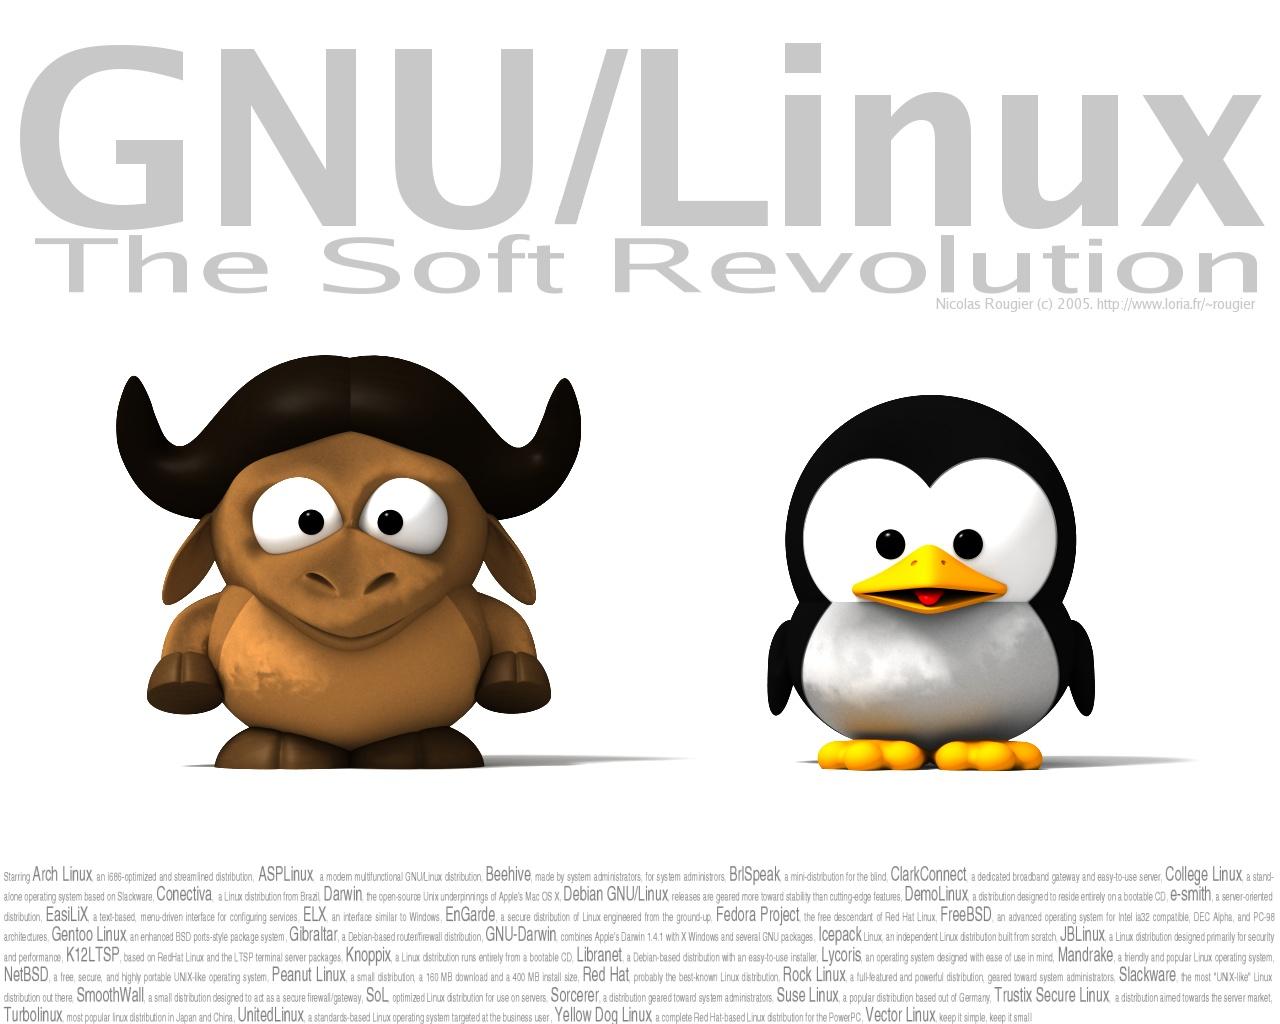 2084079347_473b0797_GnuTuxSoftRevolution-v1.jpg